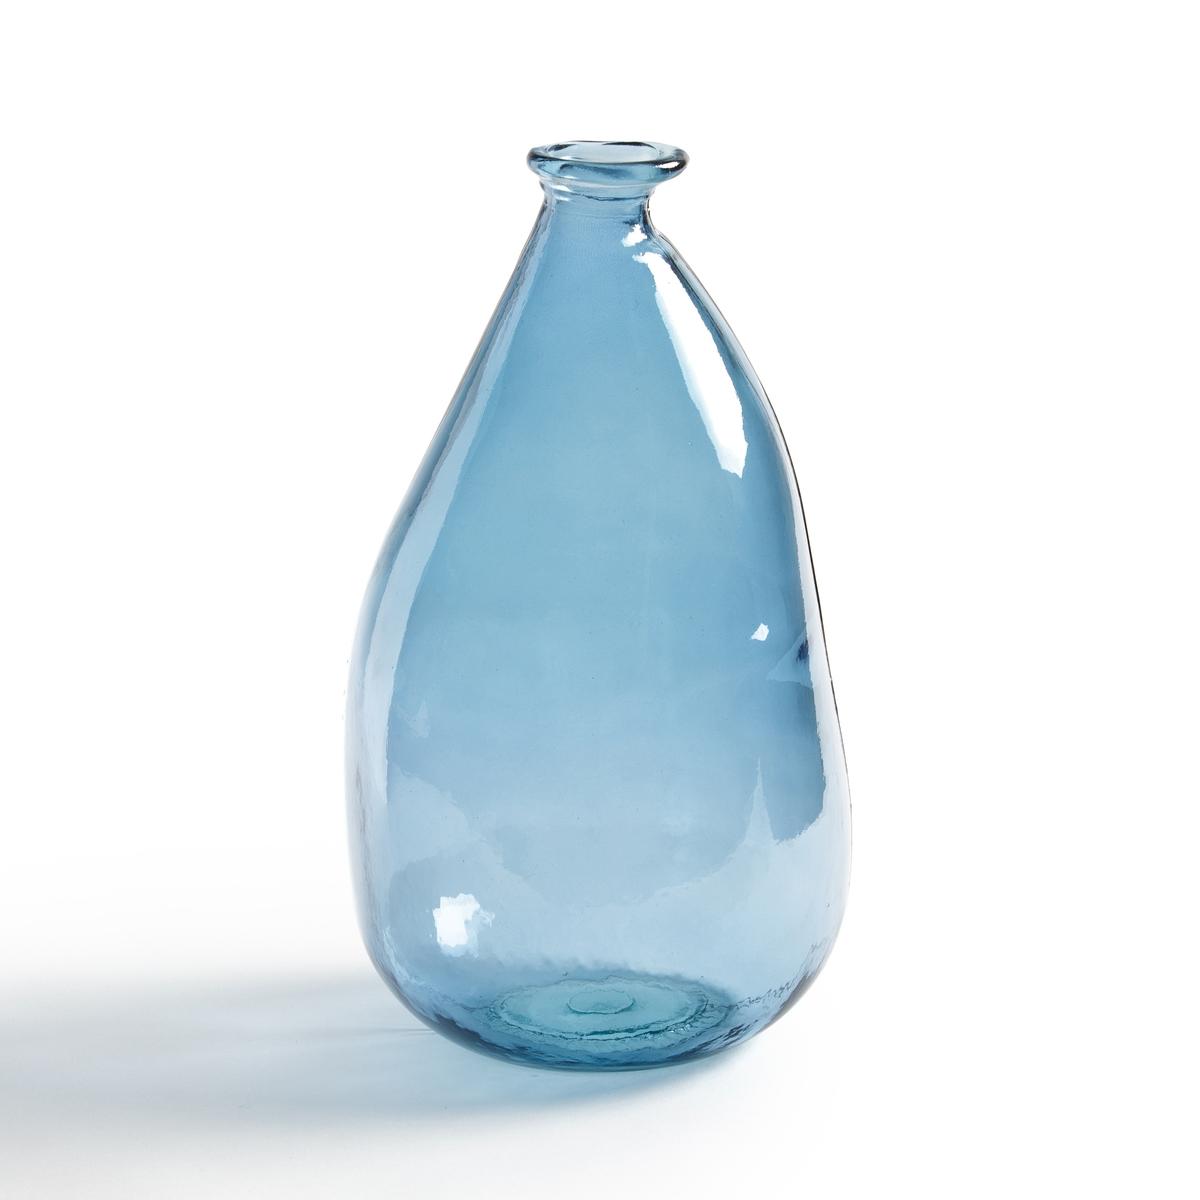 Ваза-бутыль IZOLIAНовая версия с чертами ручной работы .Внесет в ваш интерьер винтажную нотку .Характеристики вазы-бутыли Izolia :Из вторично переработанного стекла, видоизмененная форма .Размеры вазы-бутыли Izolia : - Высота : 36 см.- ? 20 см .Найдите нашу коллекцию IZOLIA а также предметы декора на нашем сайте.<br><br>Цвет: синий,стеклянный крашеный,темно-синий